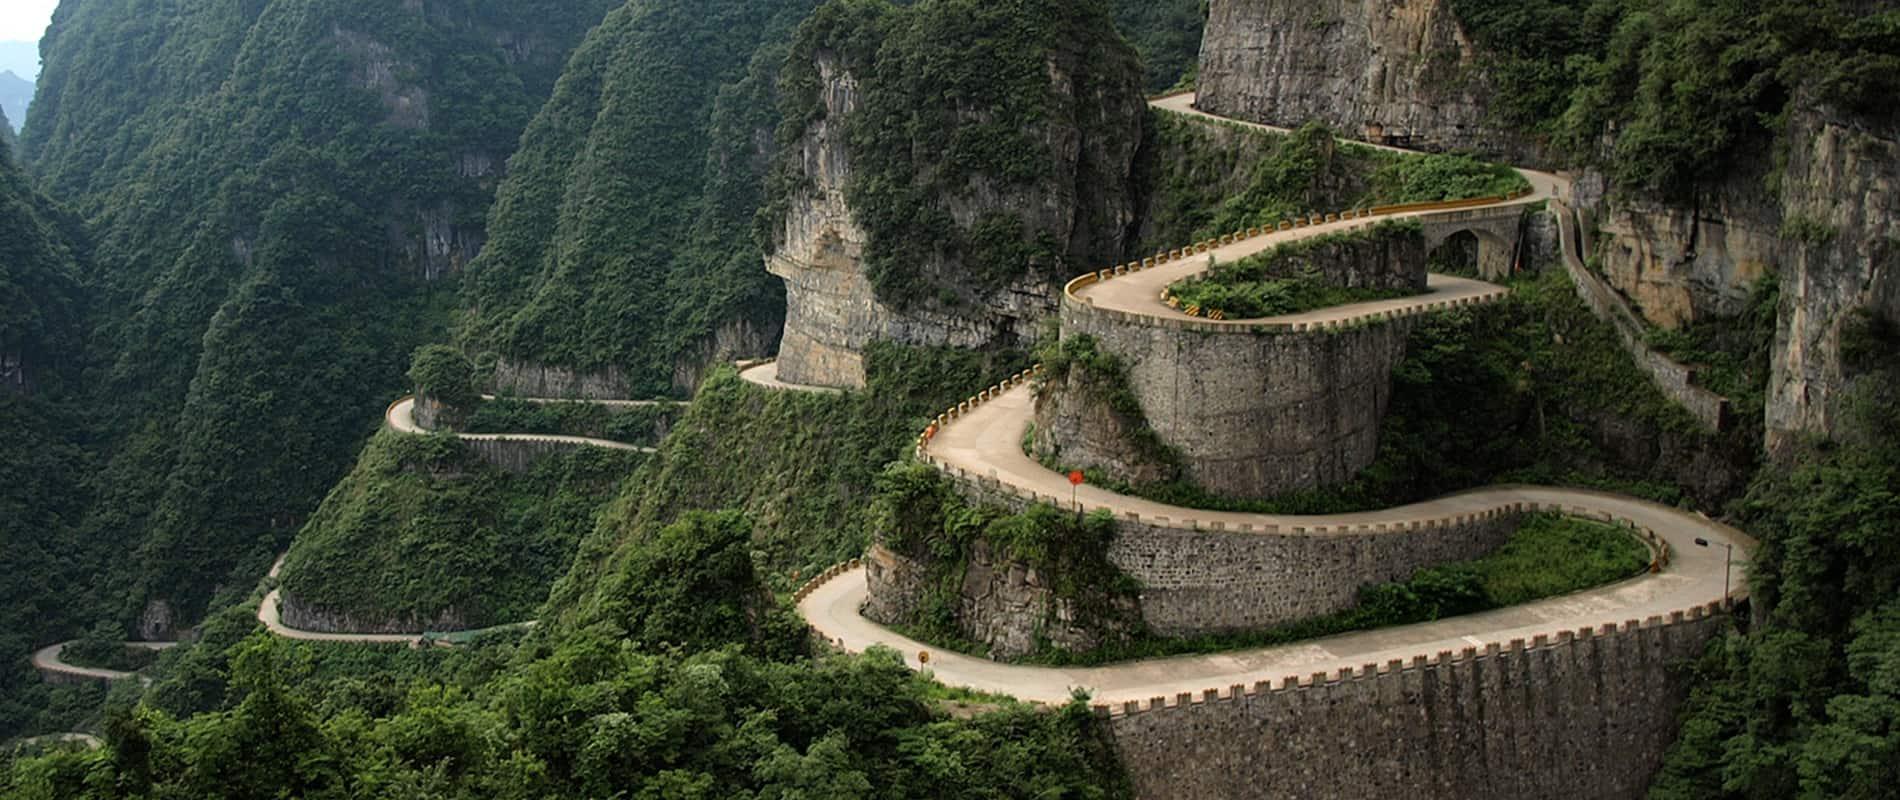 Tianmen Mountain Road, Hunan, China – road to drive